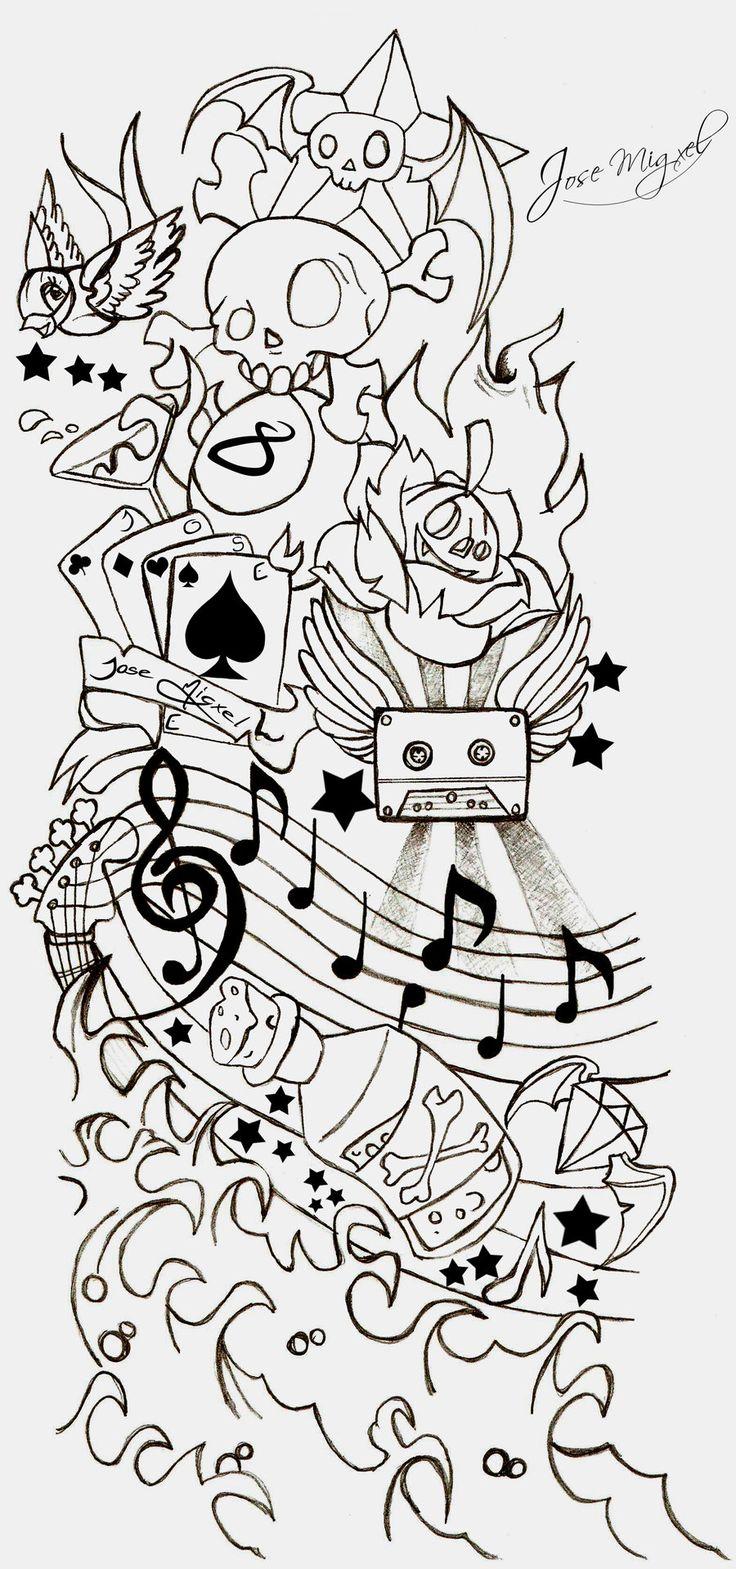 New school tattoo design - New School Tattoo Stencils Bing Images